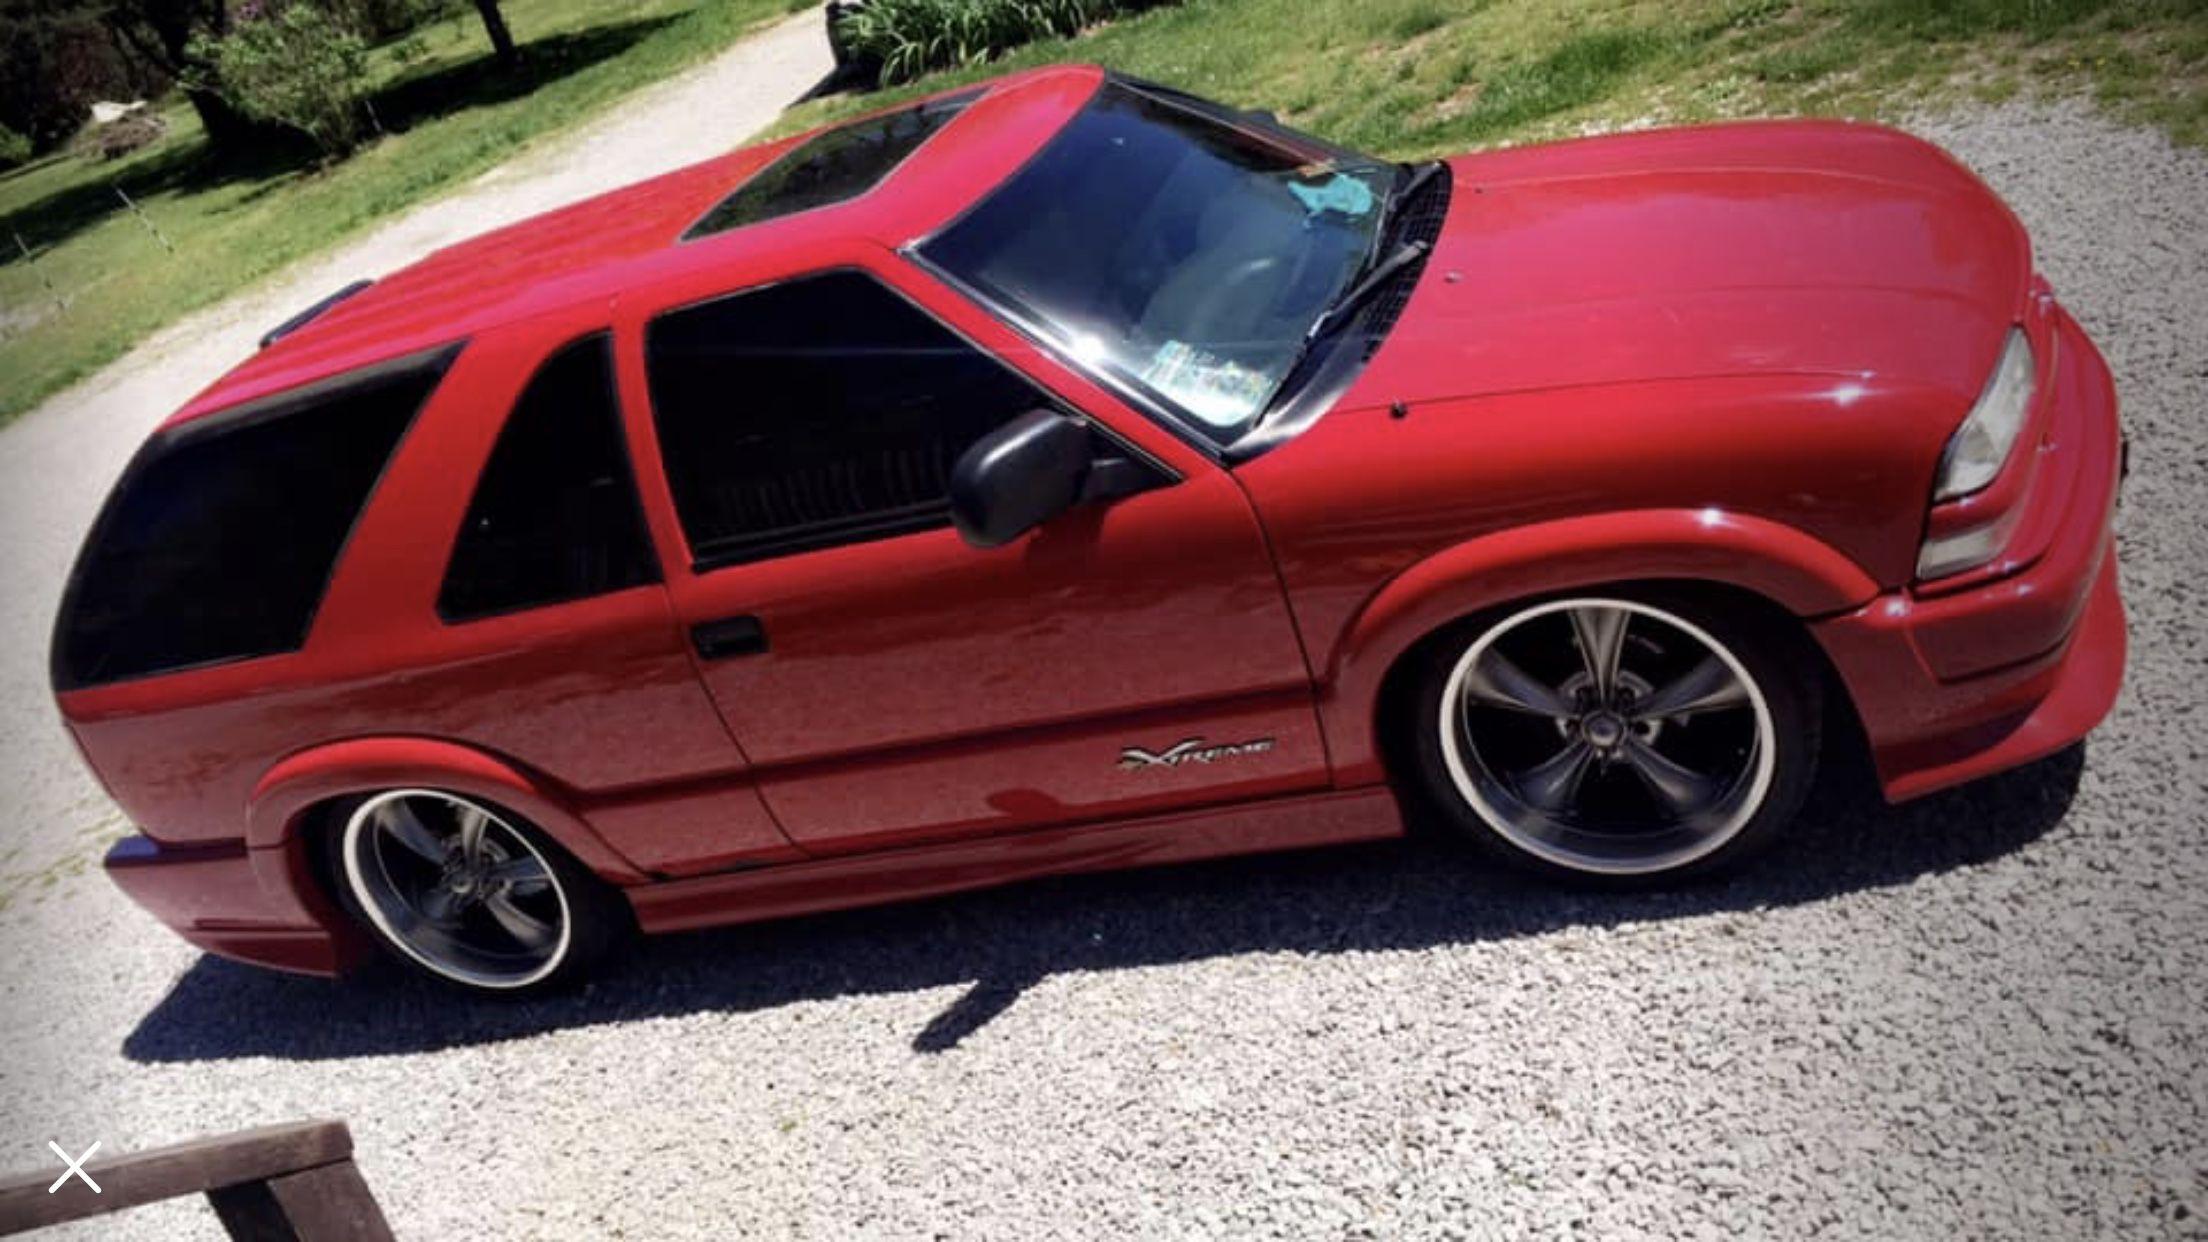 Pin By Vitor Vaz On S10 Blazer Xtreme Custom Chevy Trucks Chevy S10 Chevrolet Blazer